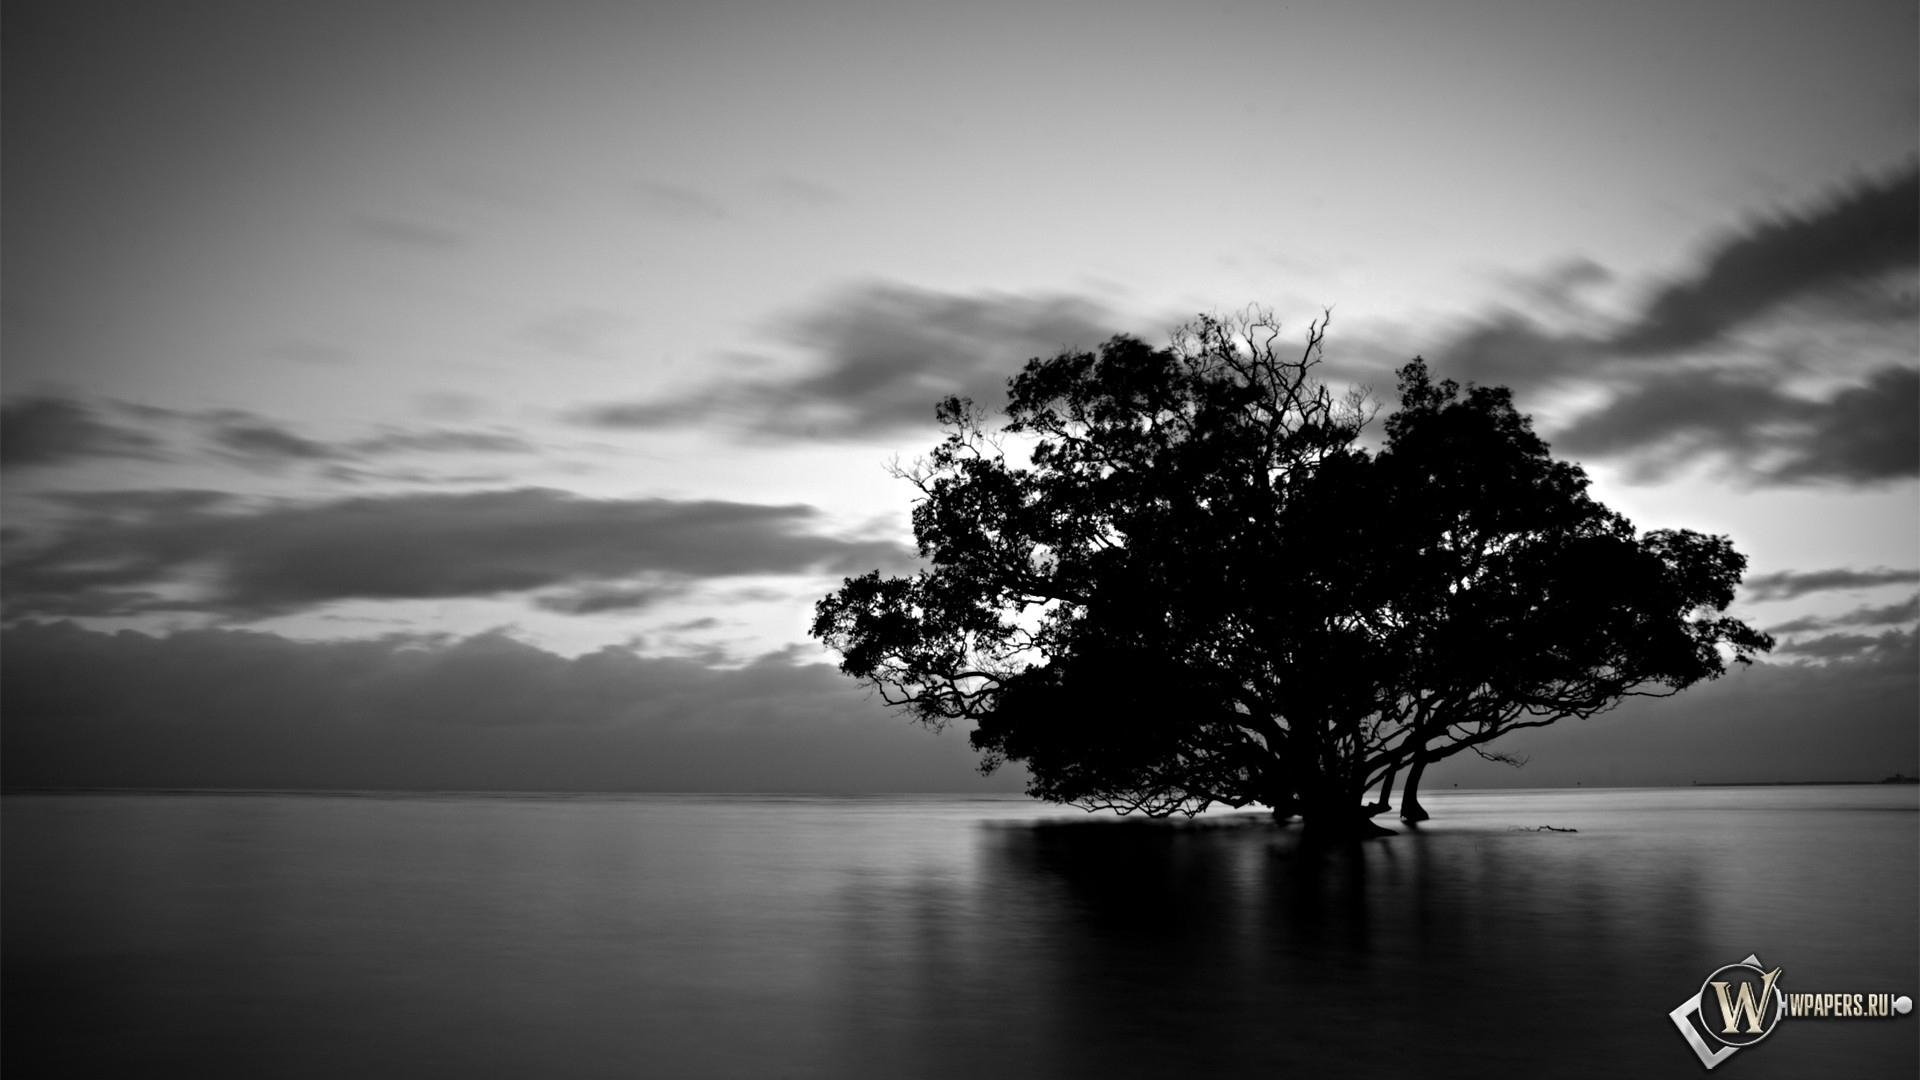 Дерево в воде 1920x1080